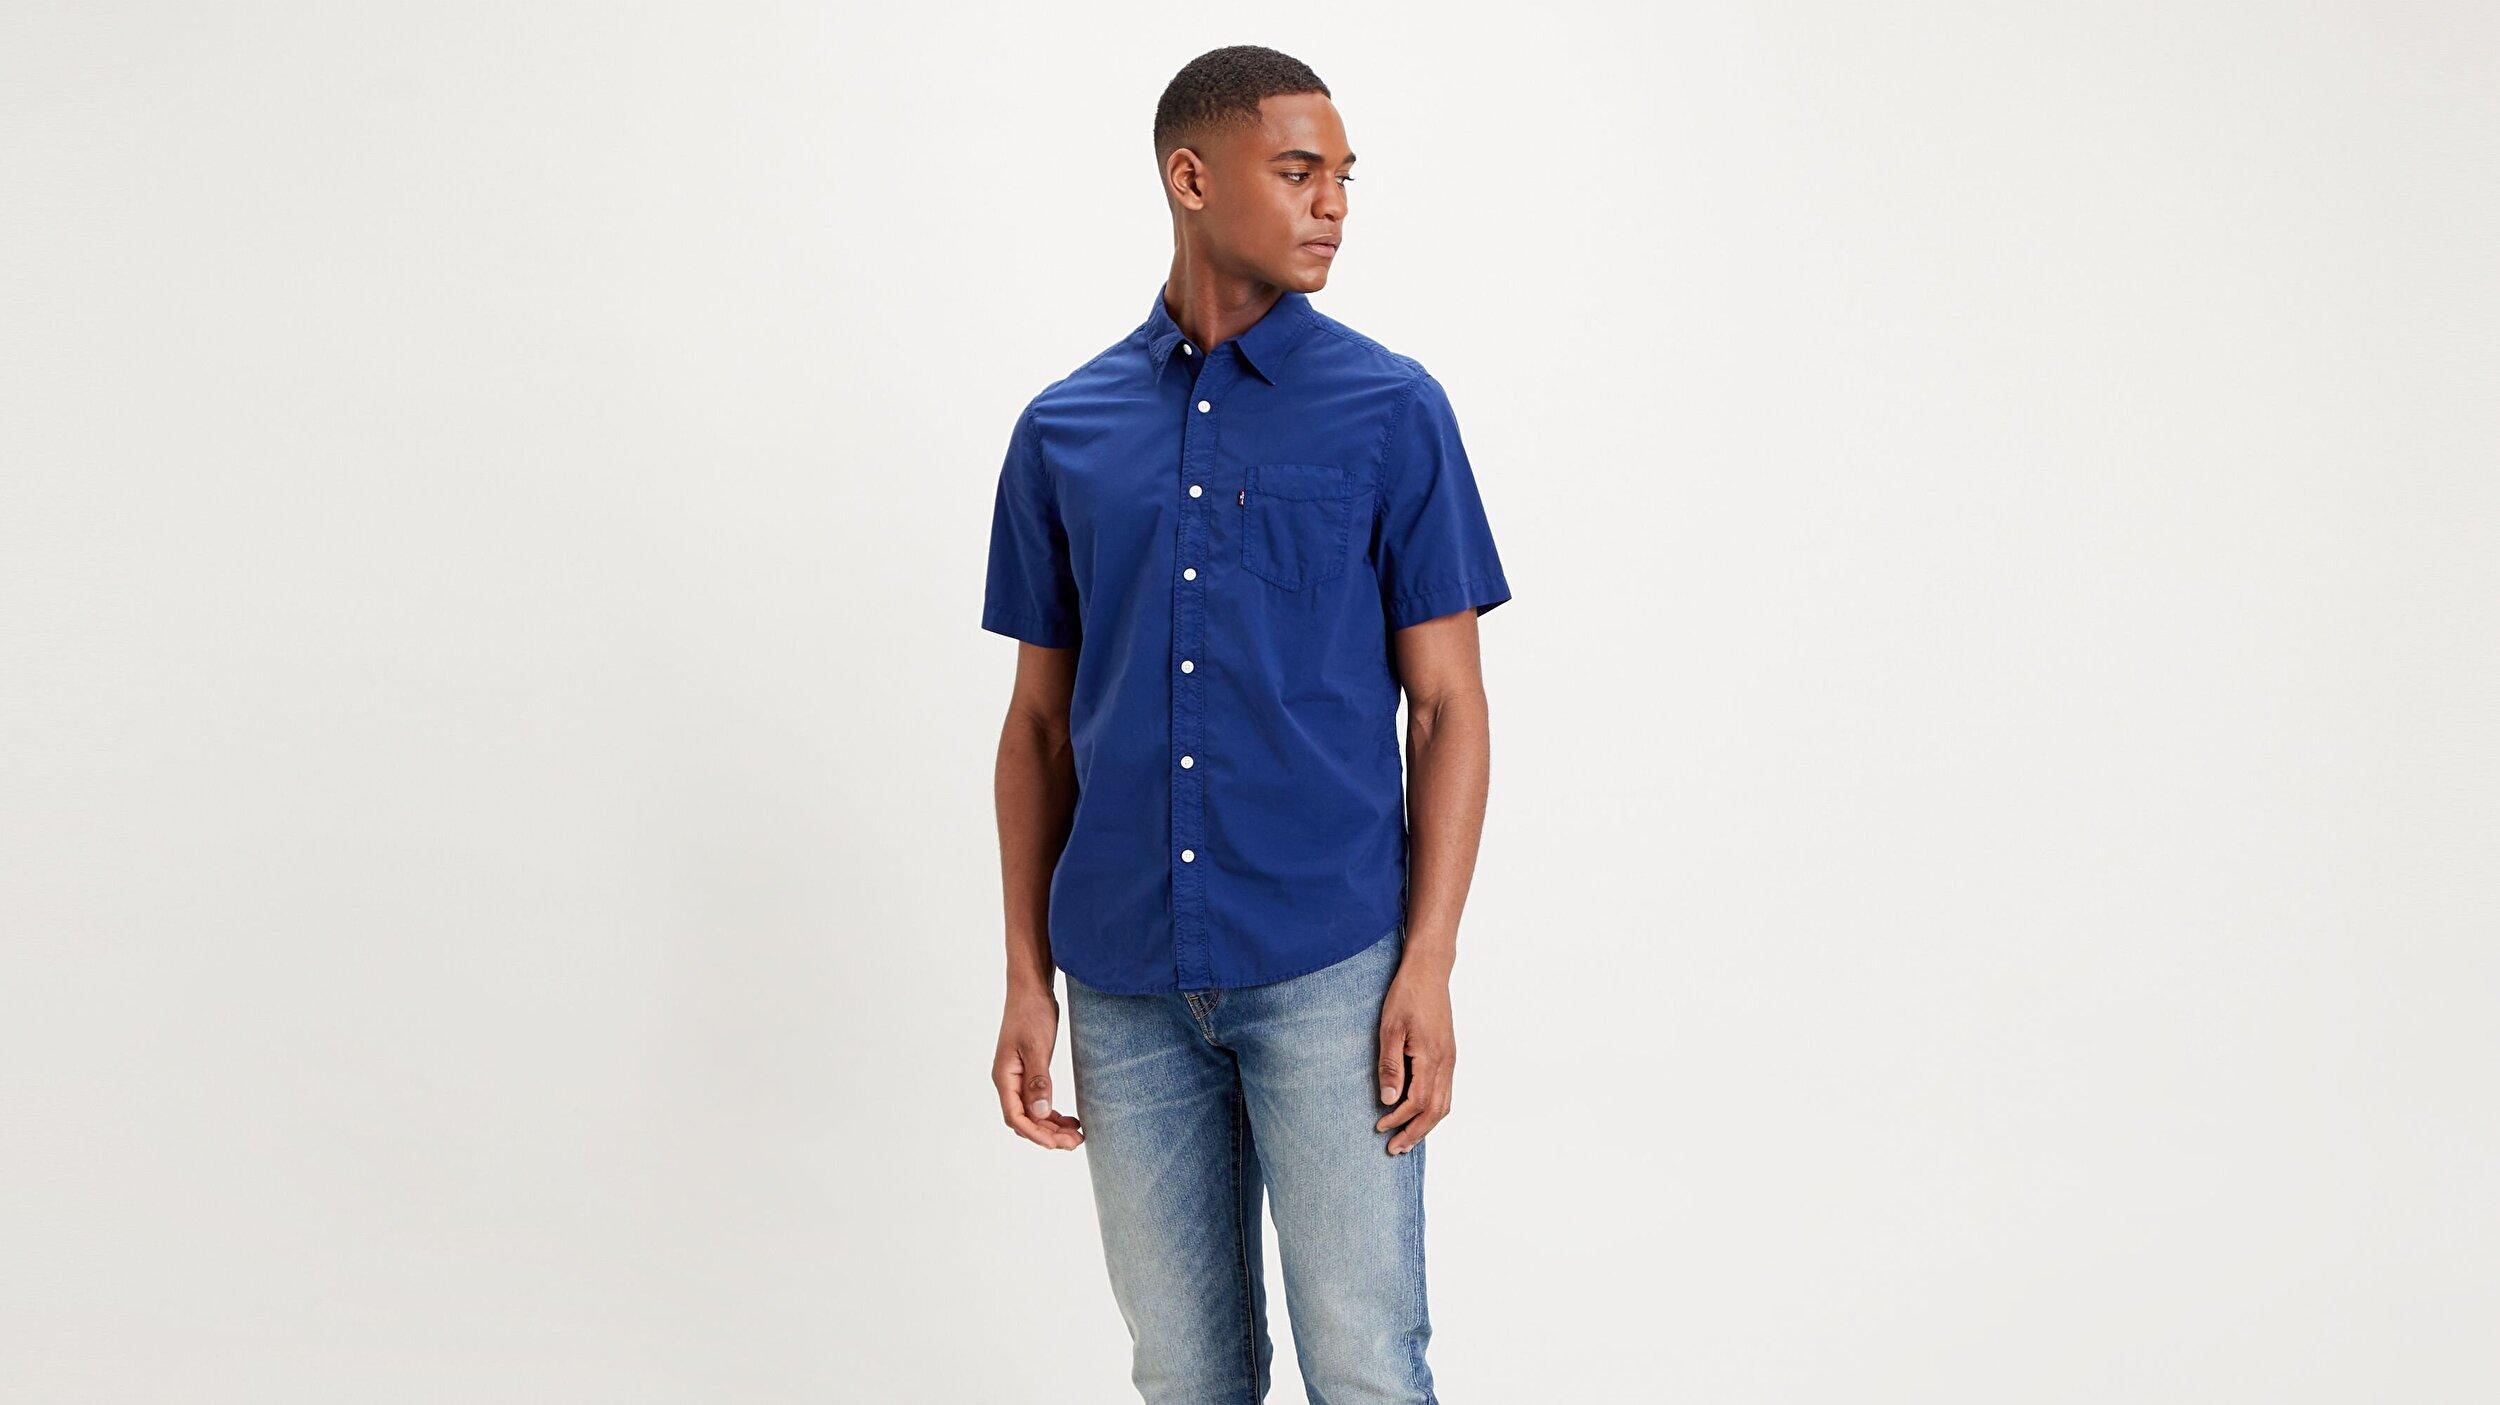 S/S Sunset 1 Pkt Standrd Garment Dye Mavi Erkek Gömlek